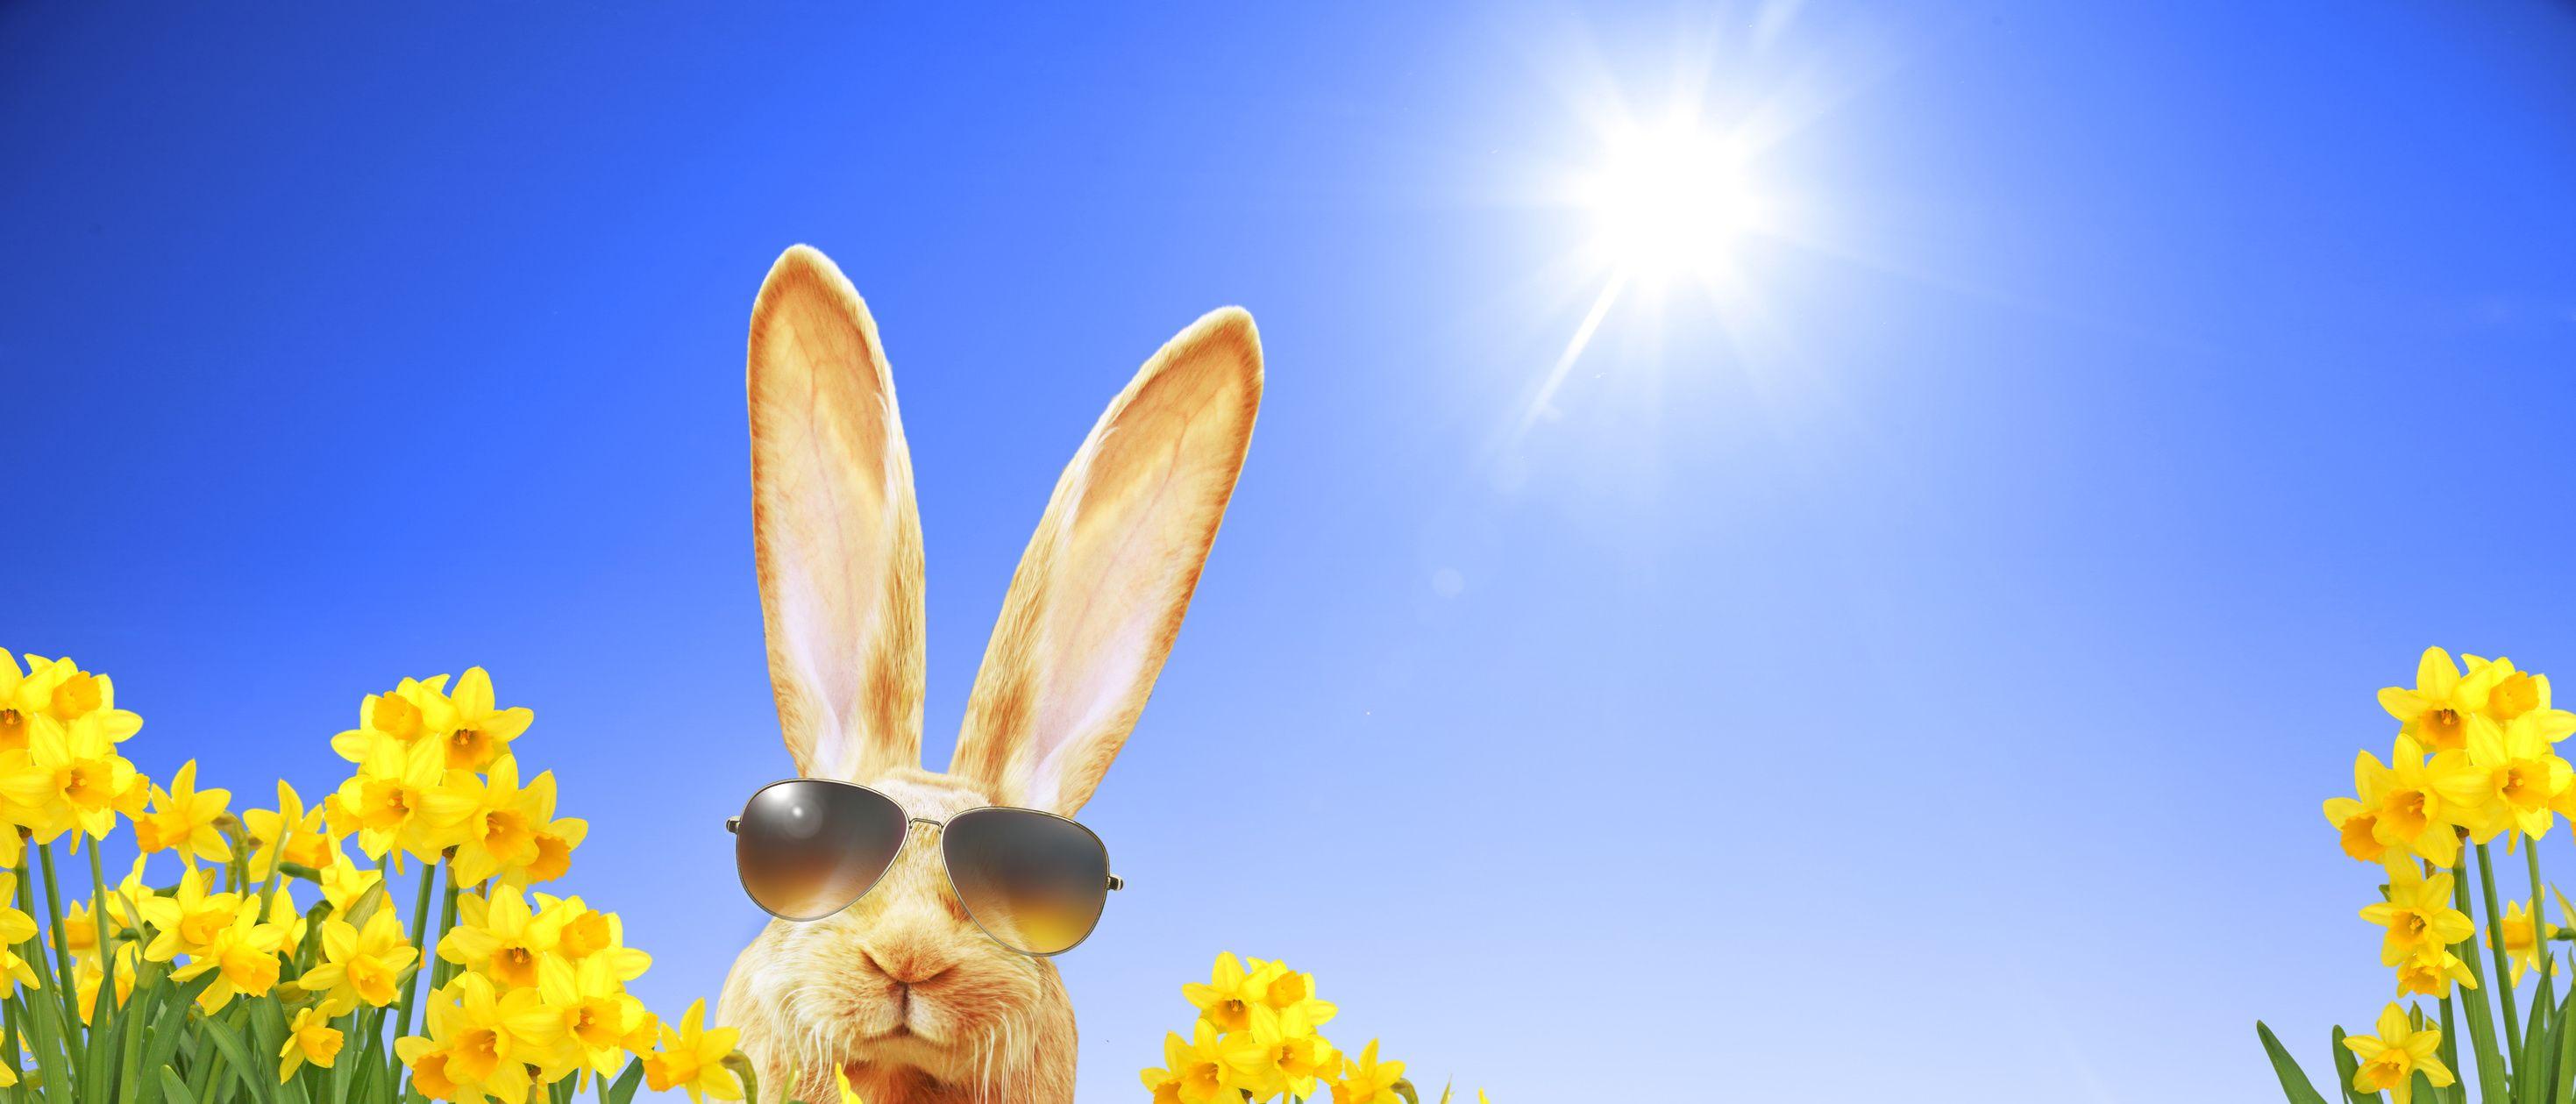 Ostern Osterhase Sonnenbrille Osterglocken